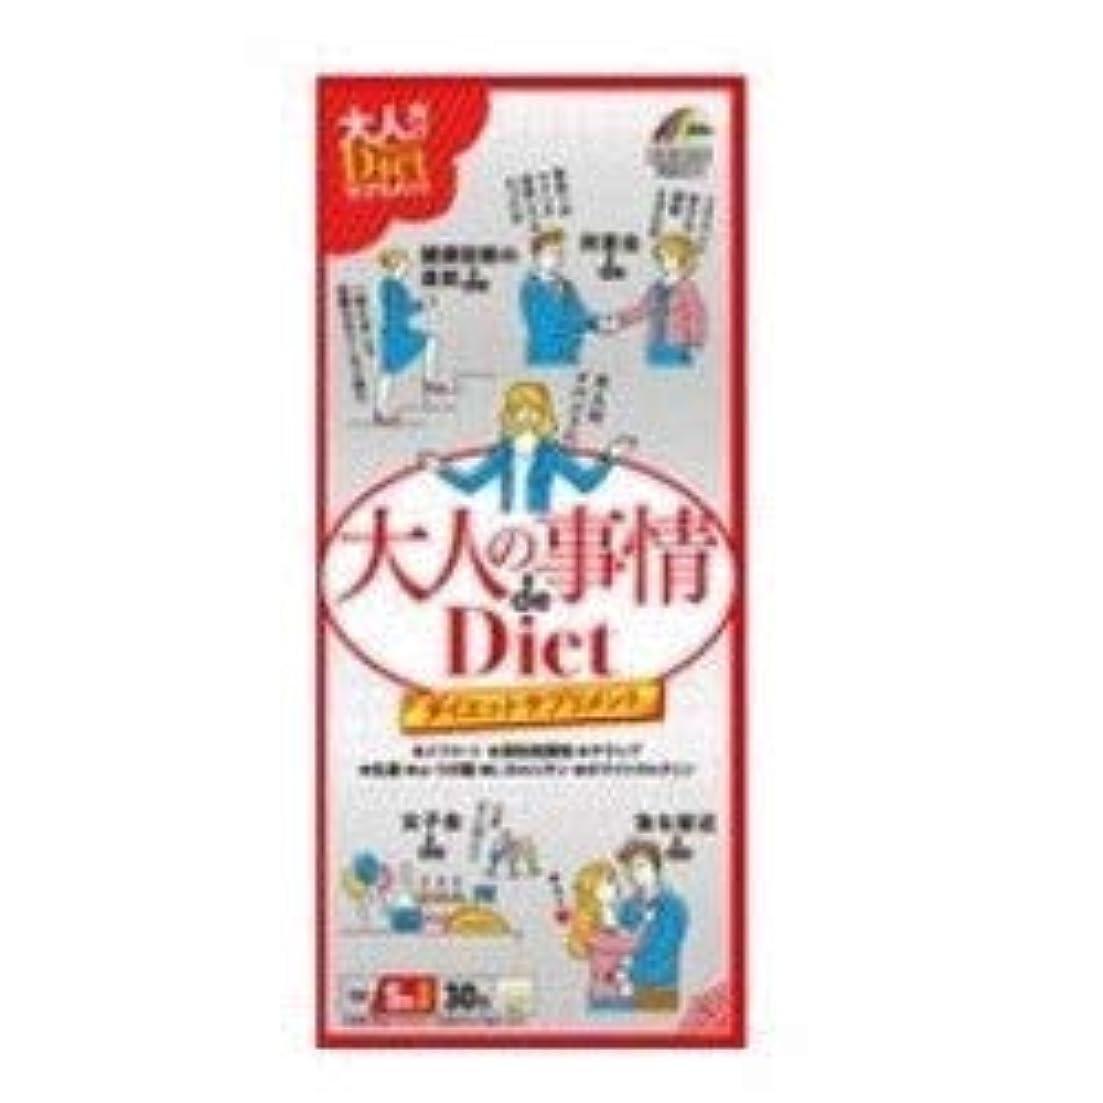 カプラー固有のサンドイッチ【ユニマットリケン】大人の事情ダイエット 30包×3